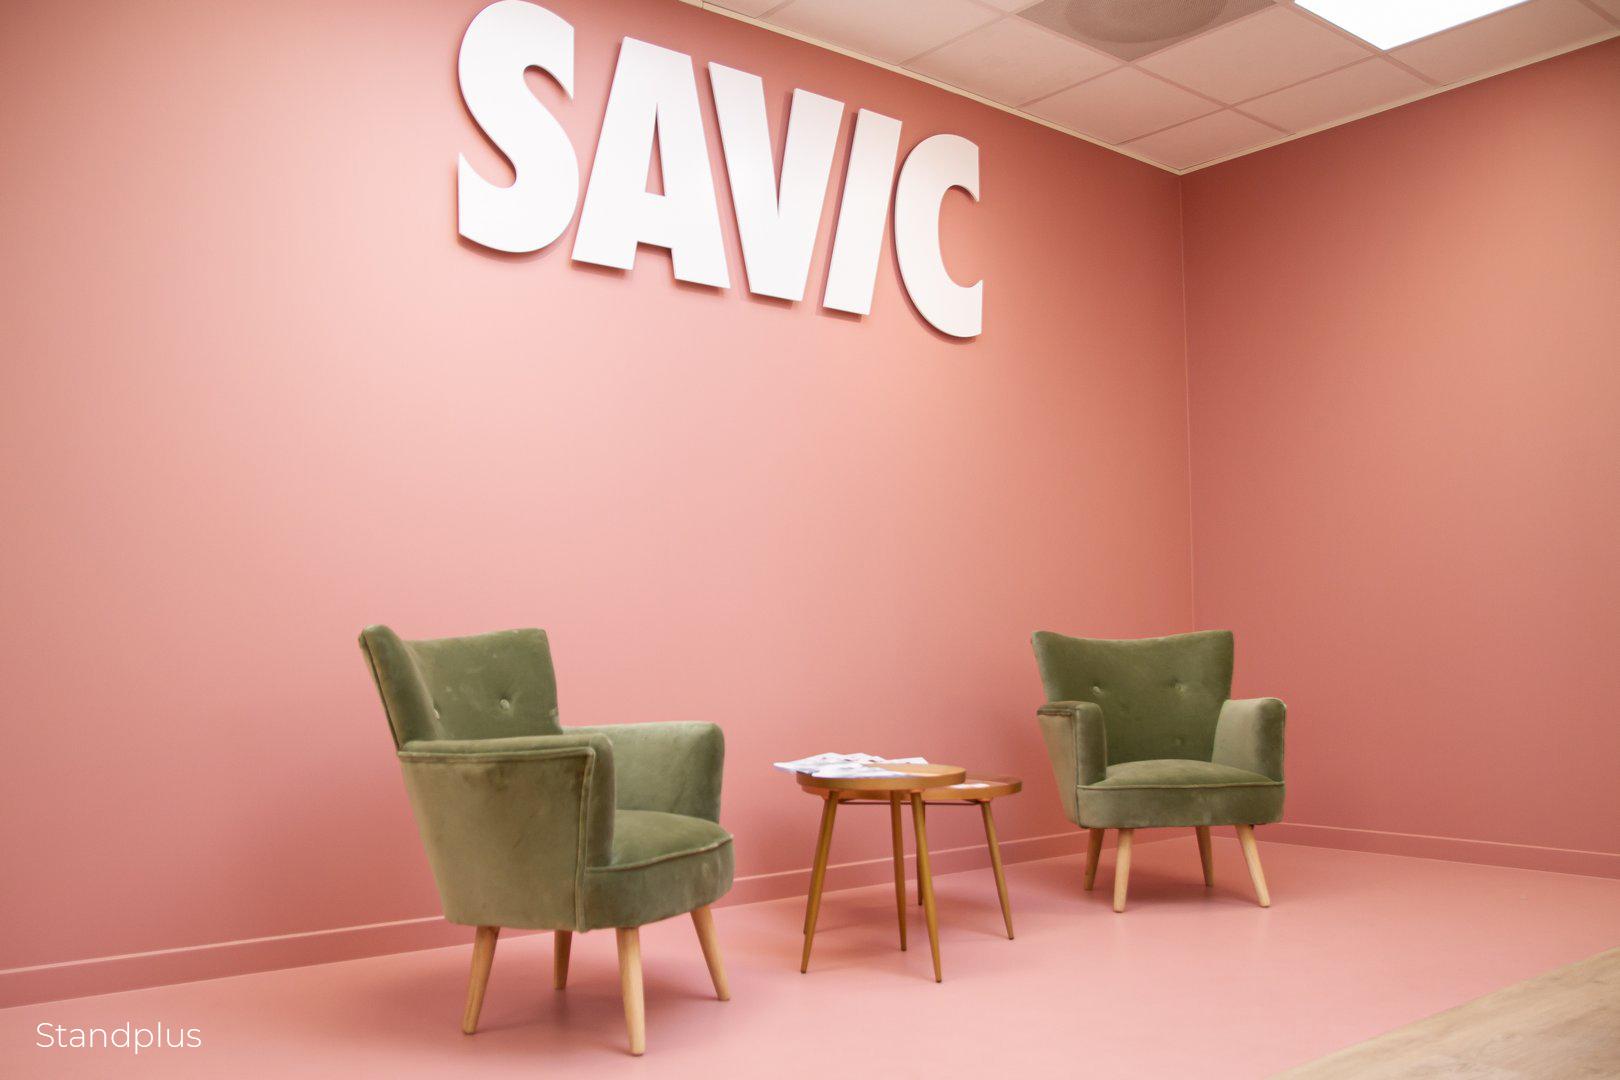 Savic Standplus 02